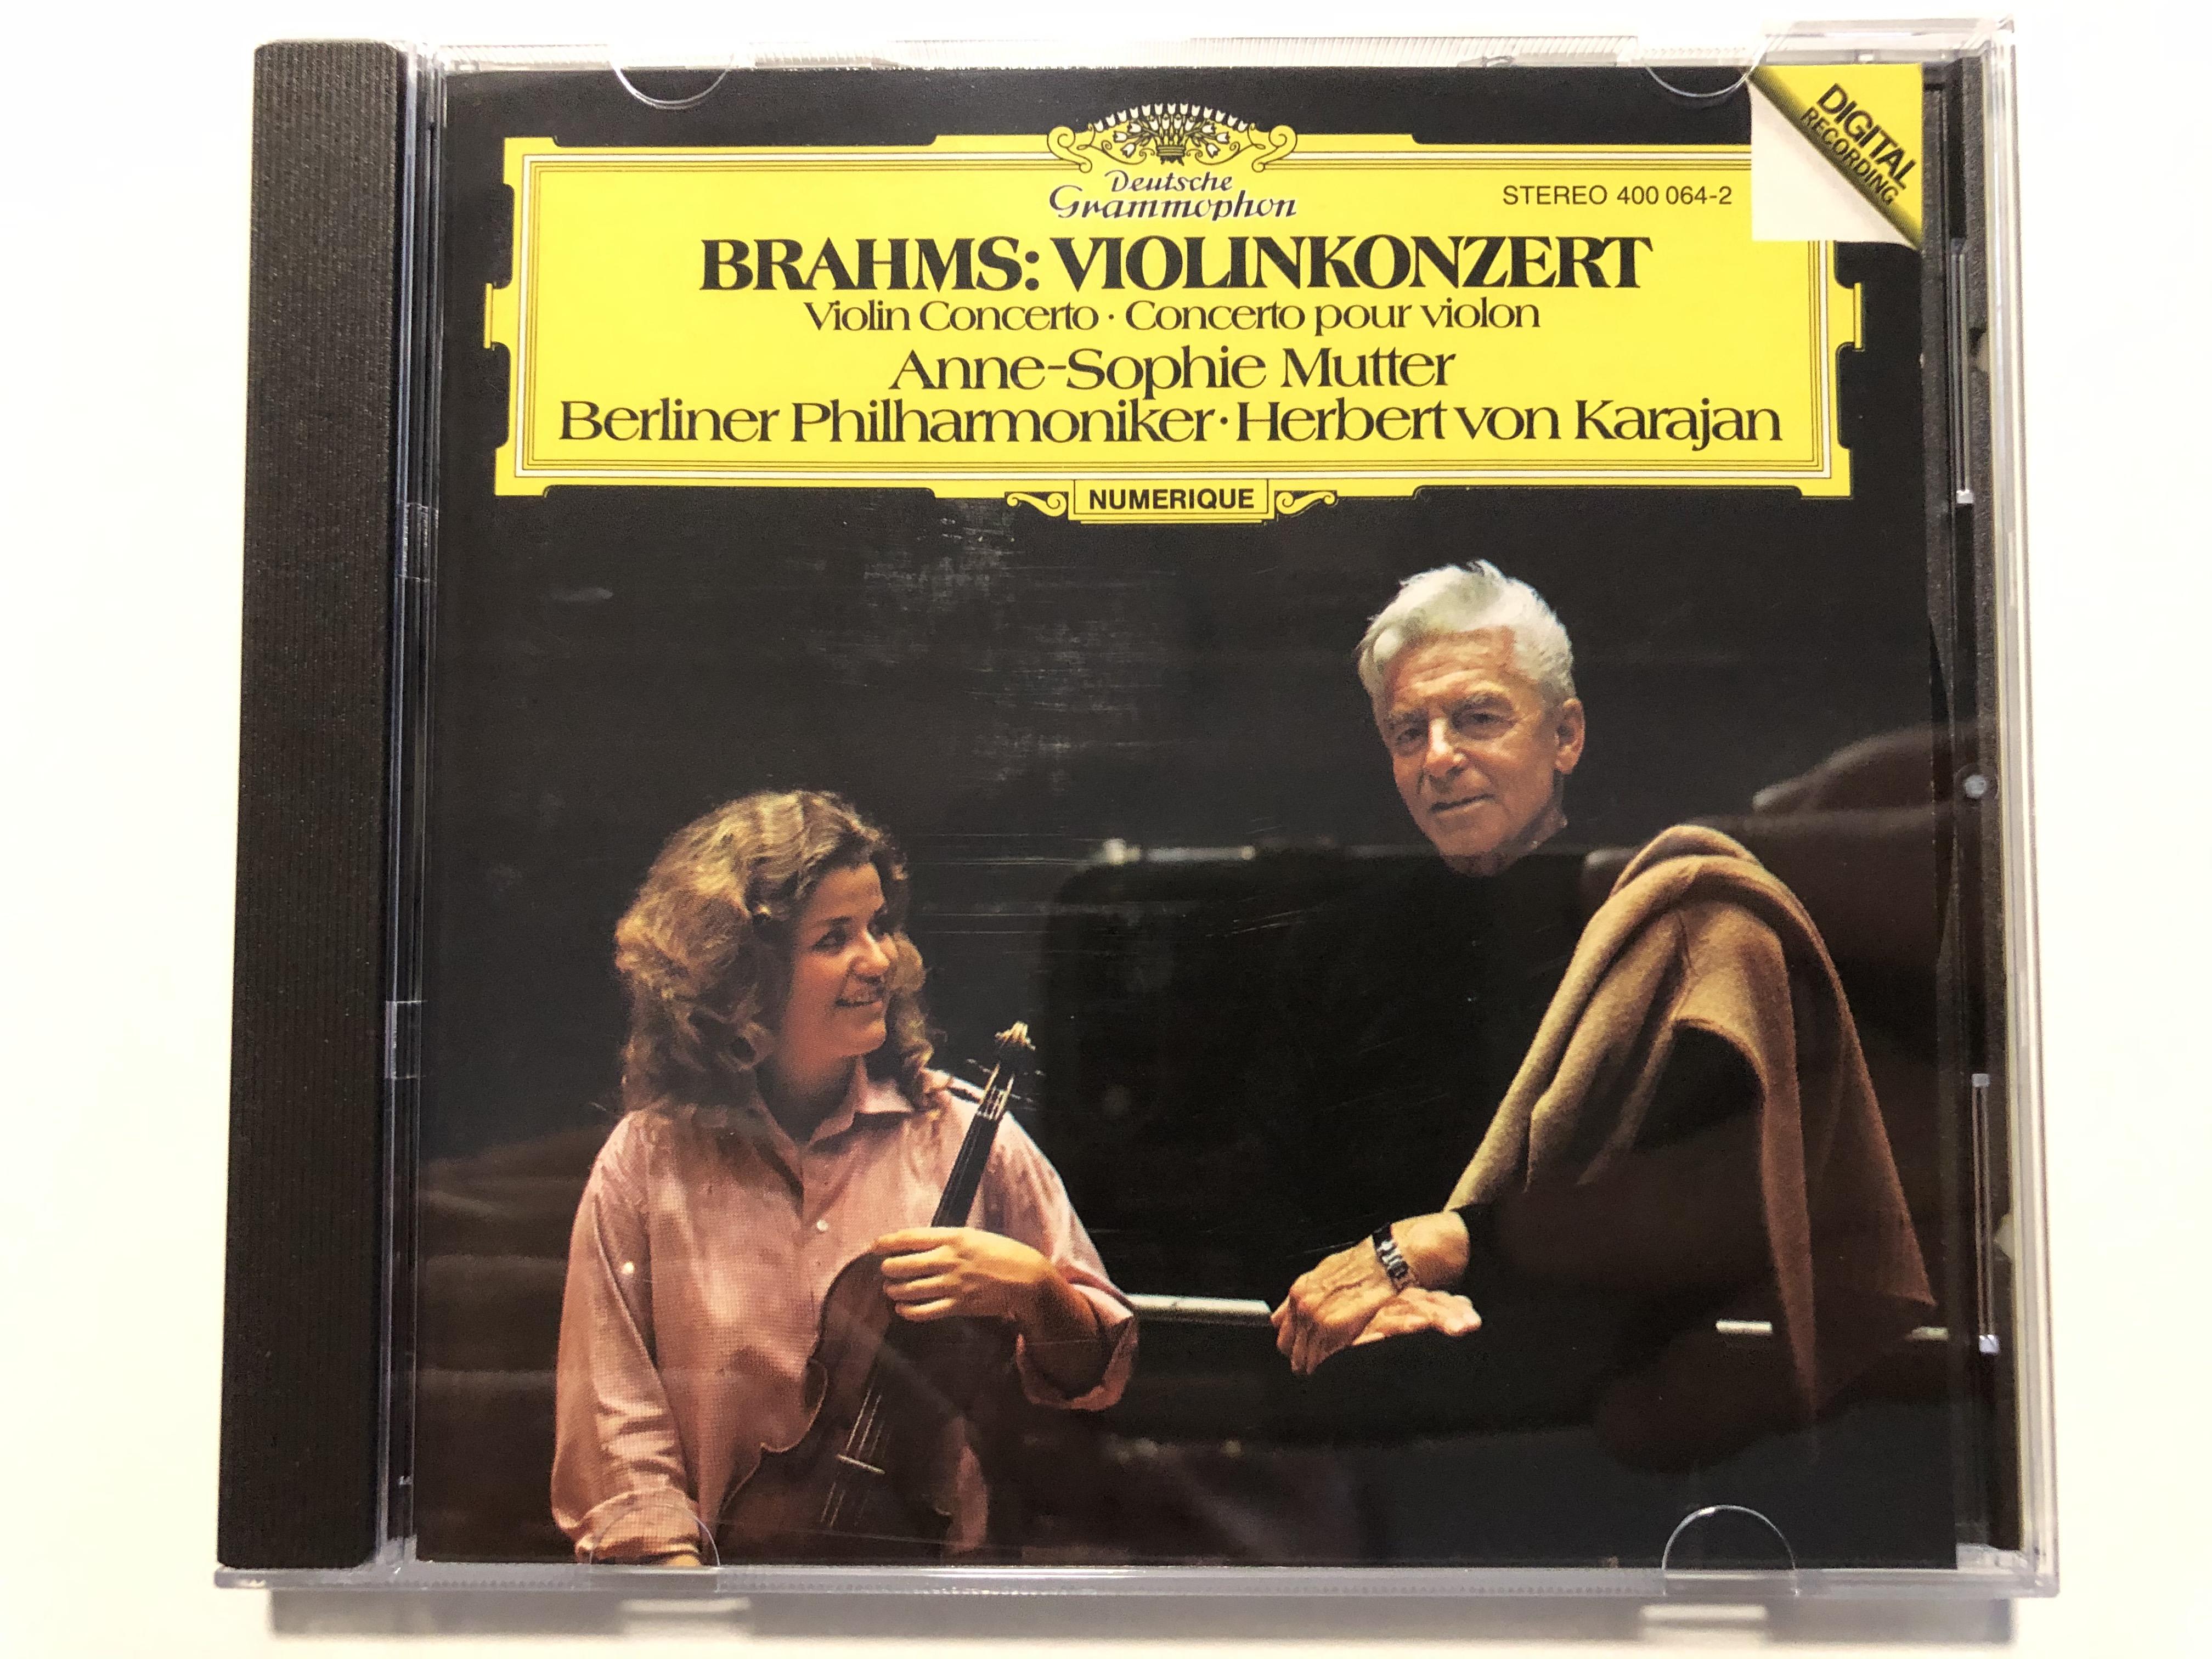 brahms-violinkonzert-violin-concerto-.-concerto-pour-violon-anne-sophie-mutter-berliner-philharmoniker-herbert-von-karajan-deutsche-grammophon-audio-cd-stereo-400-064-2-1-.jpg